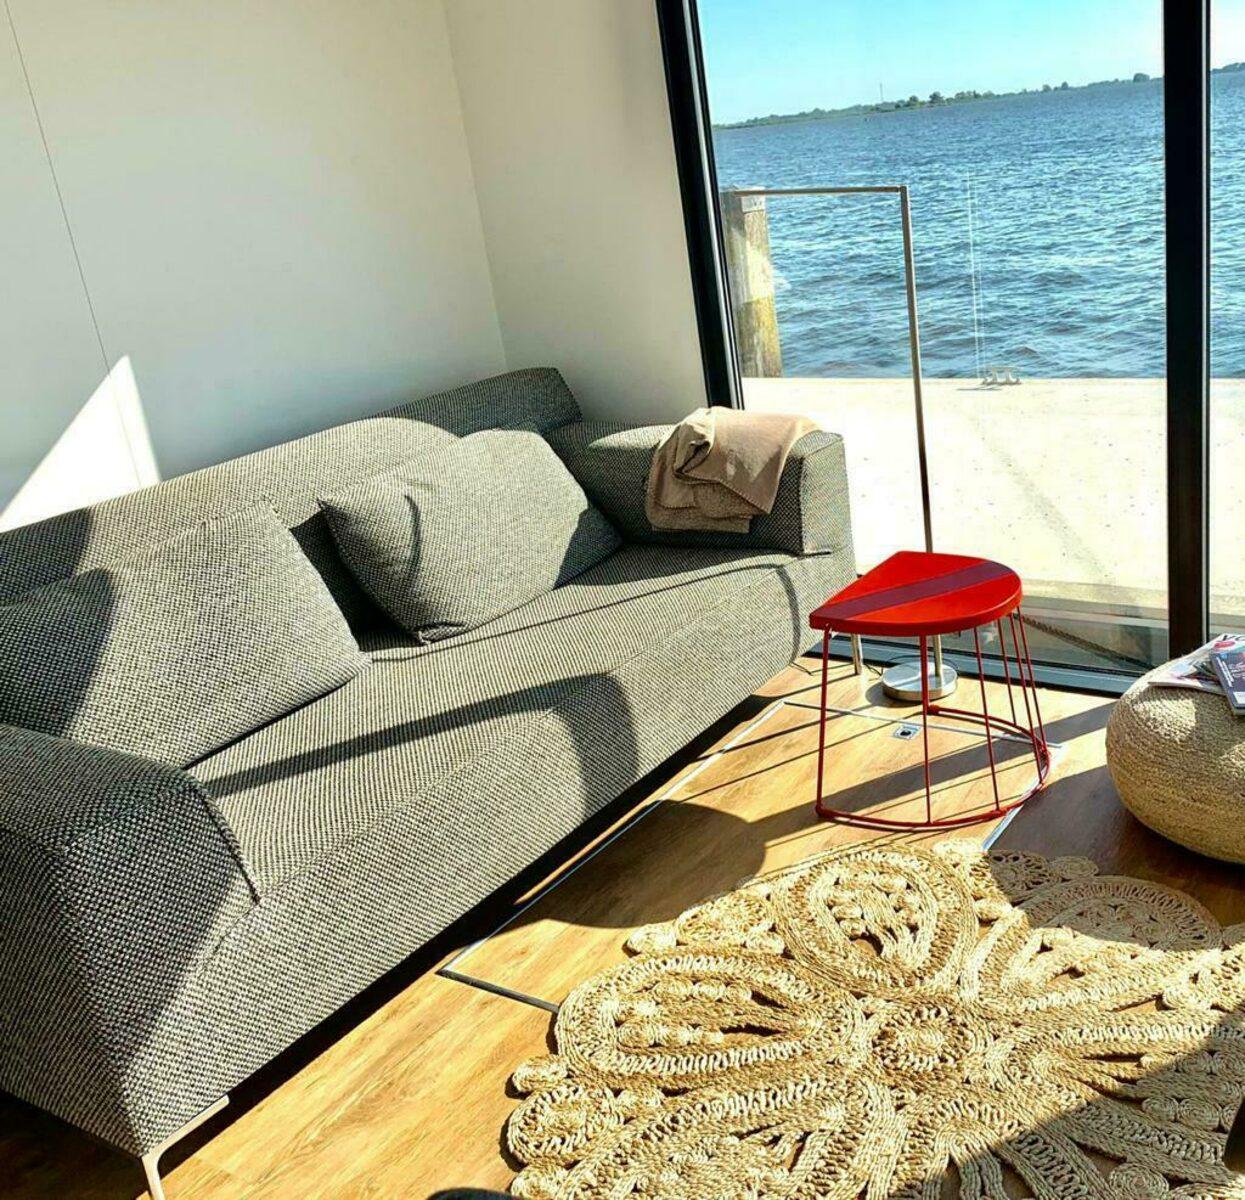 Houseboat - Sneekermeer